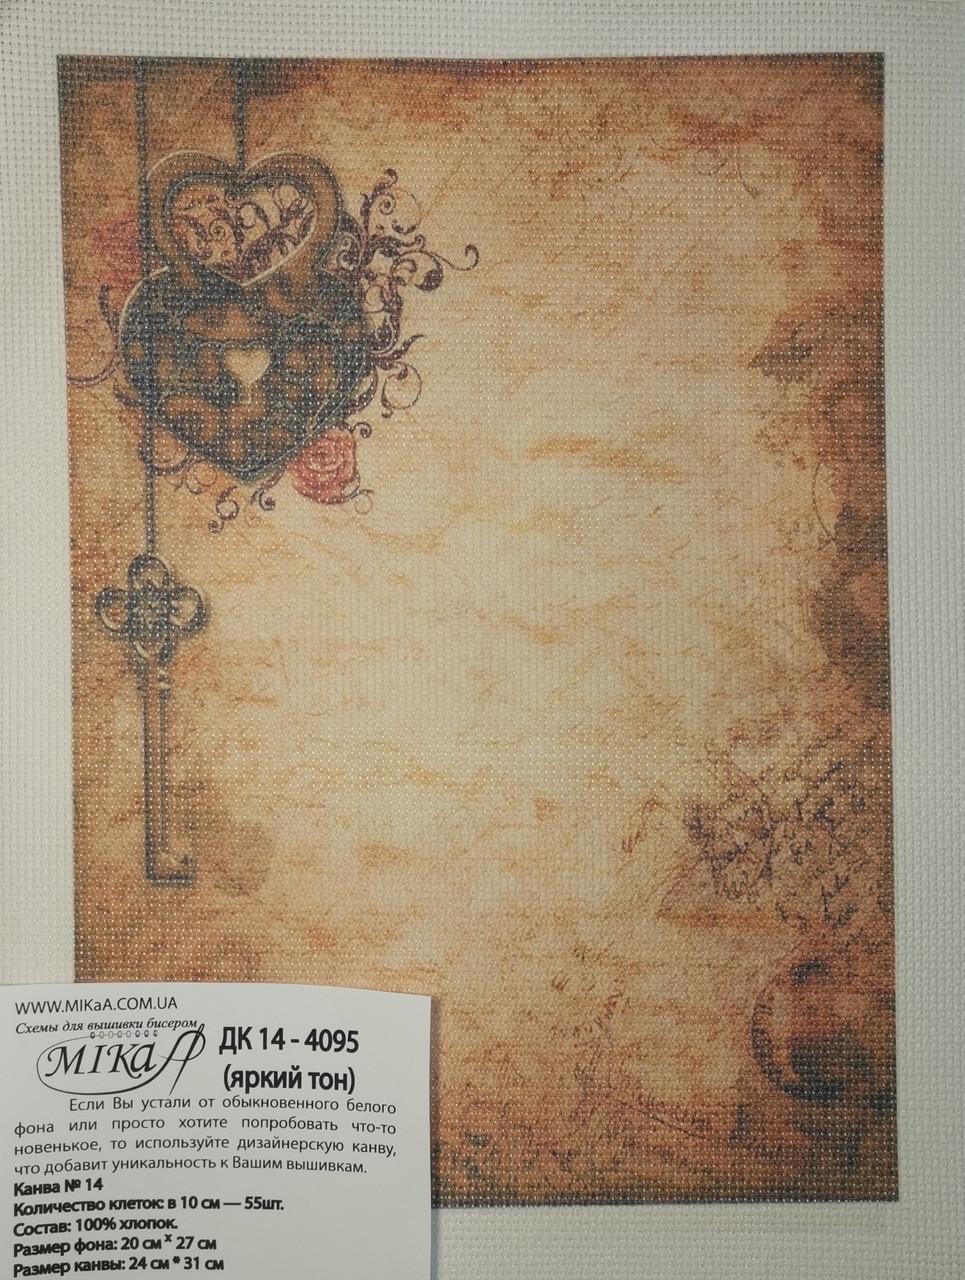 Дизайнерская канва № 14 - ДК 14-4095